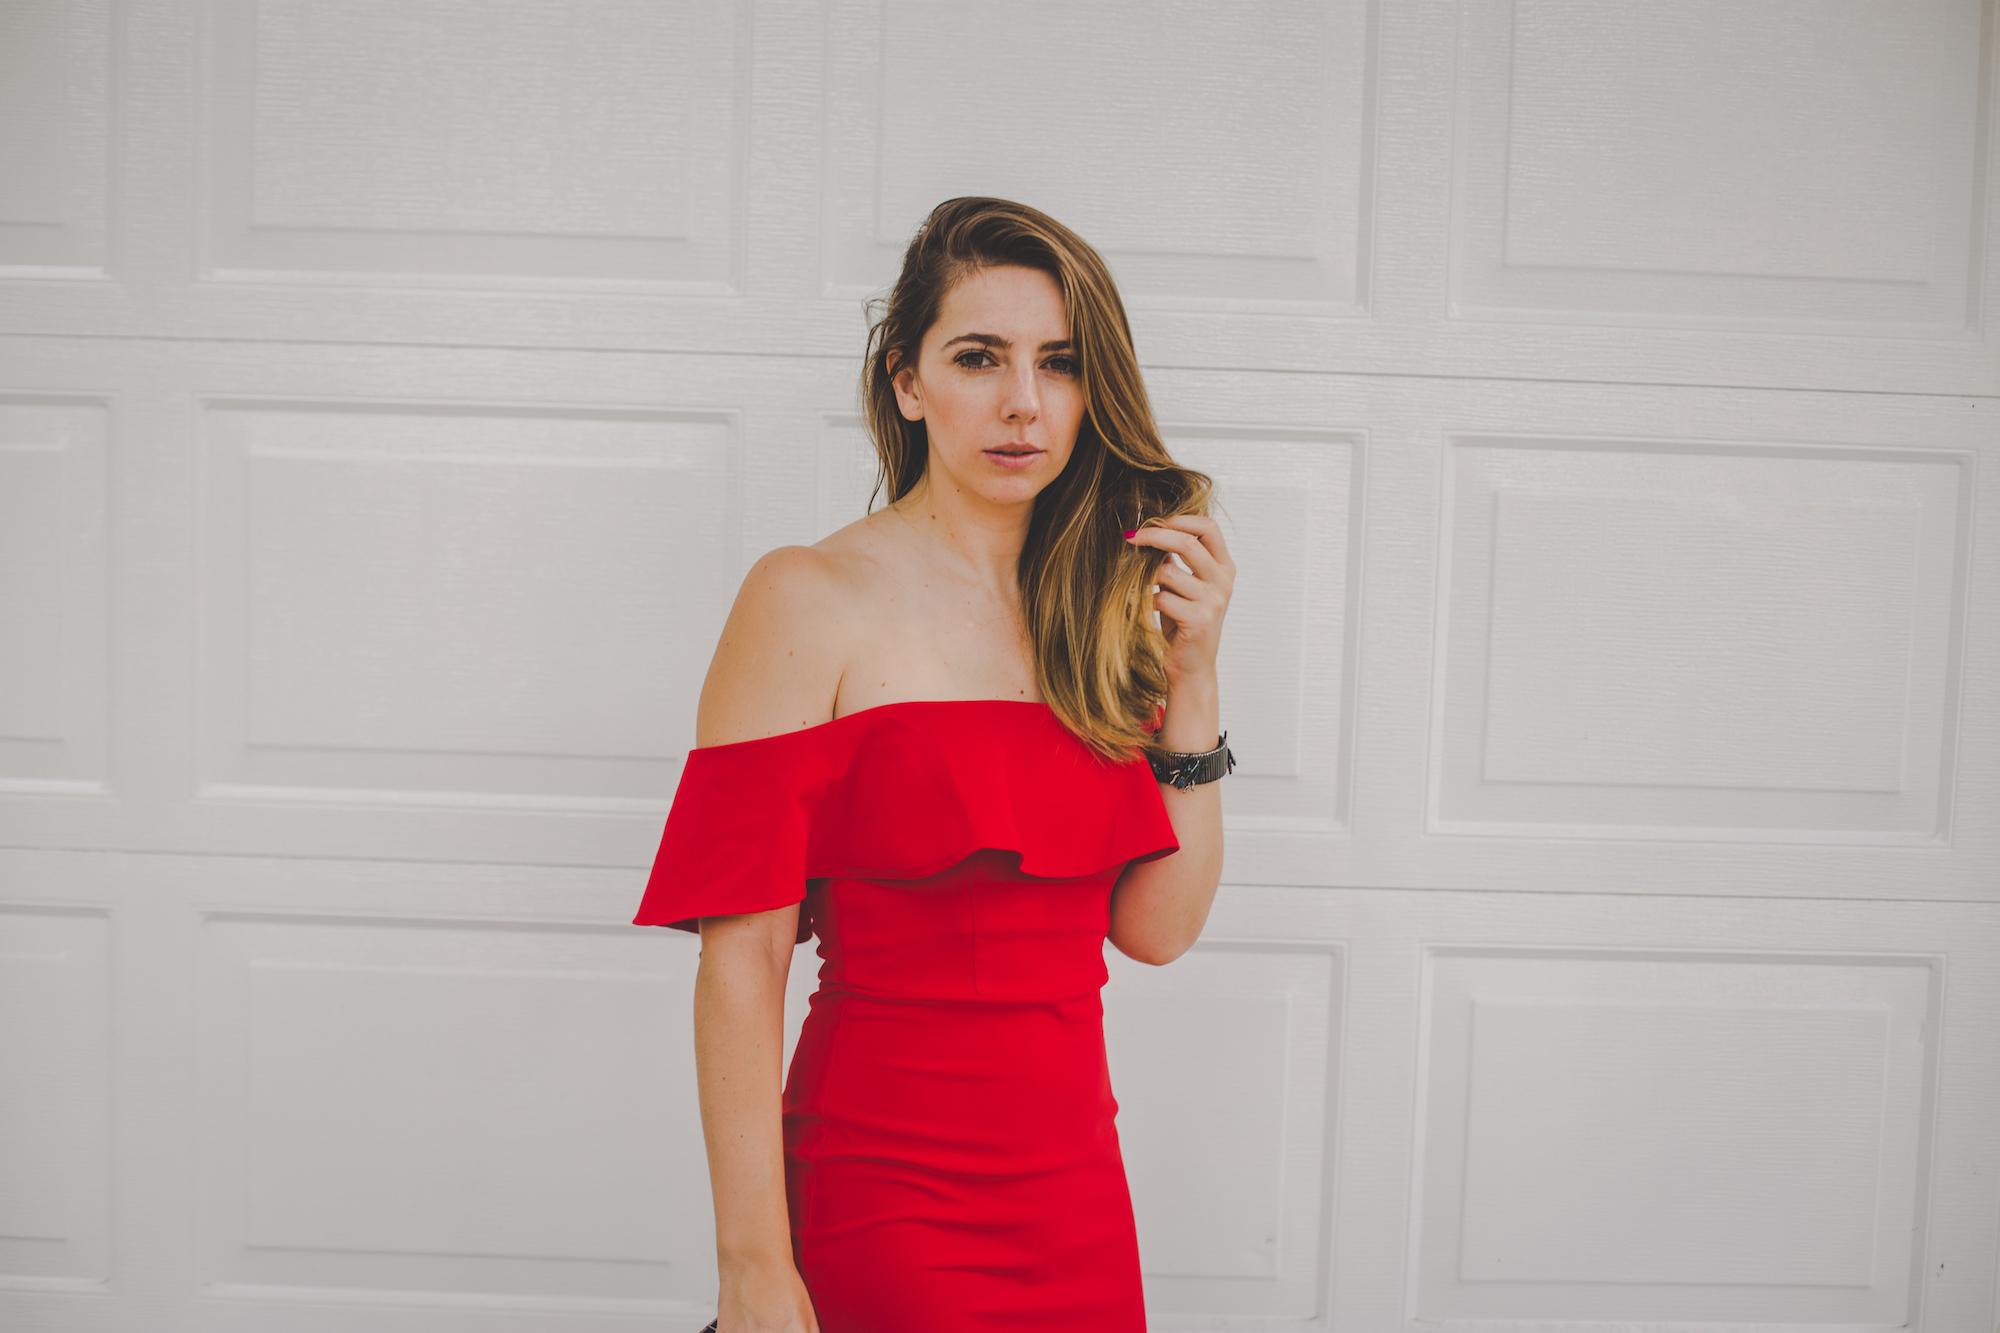 vestido rojo hombros al aire